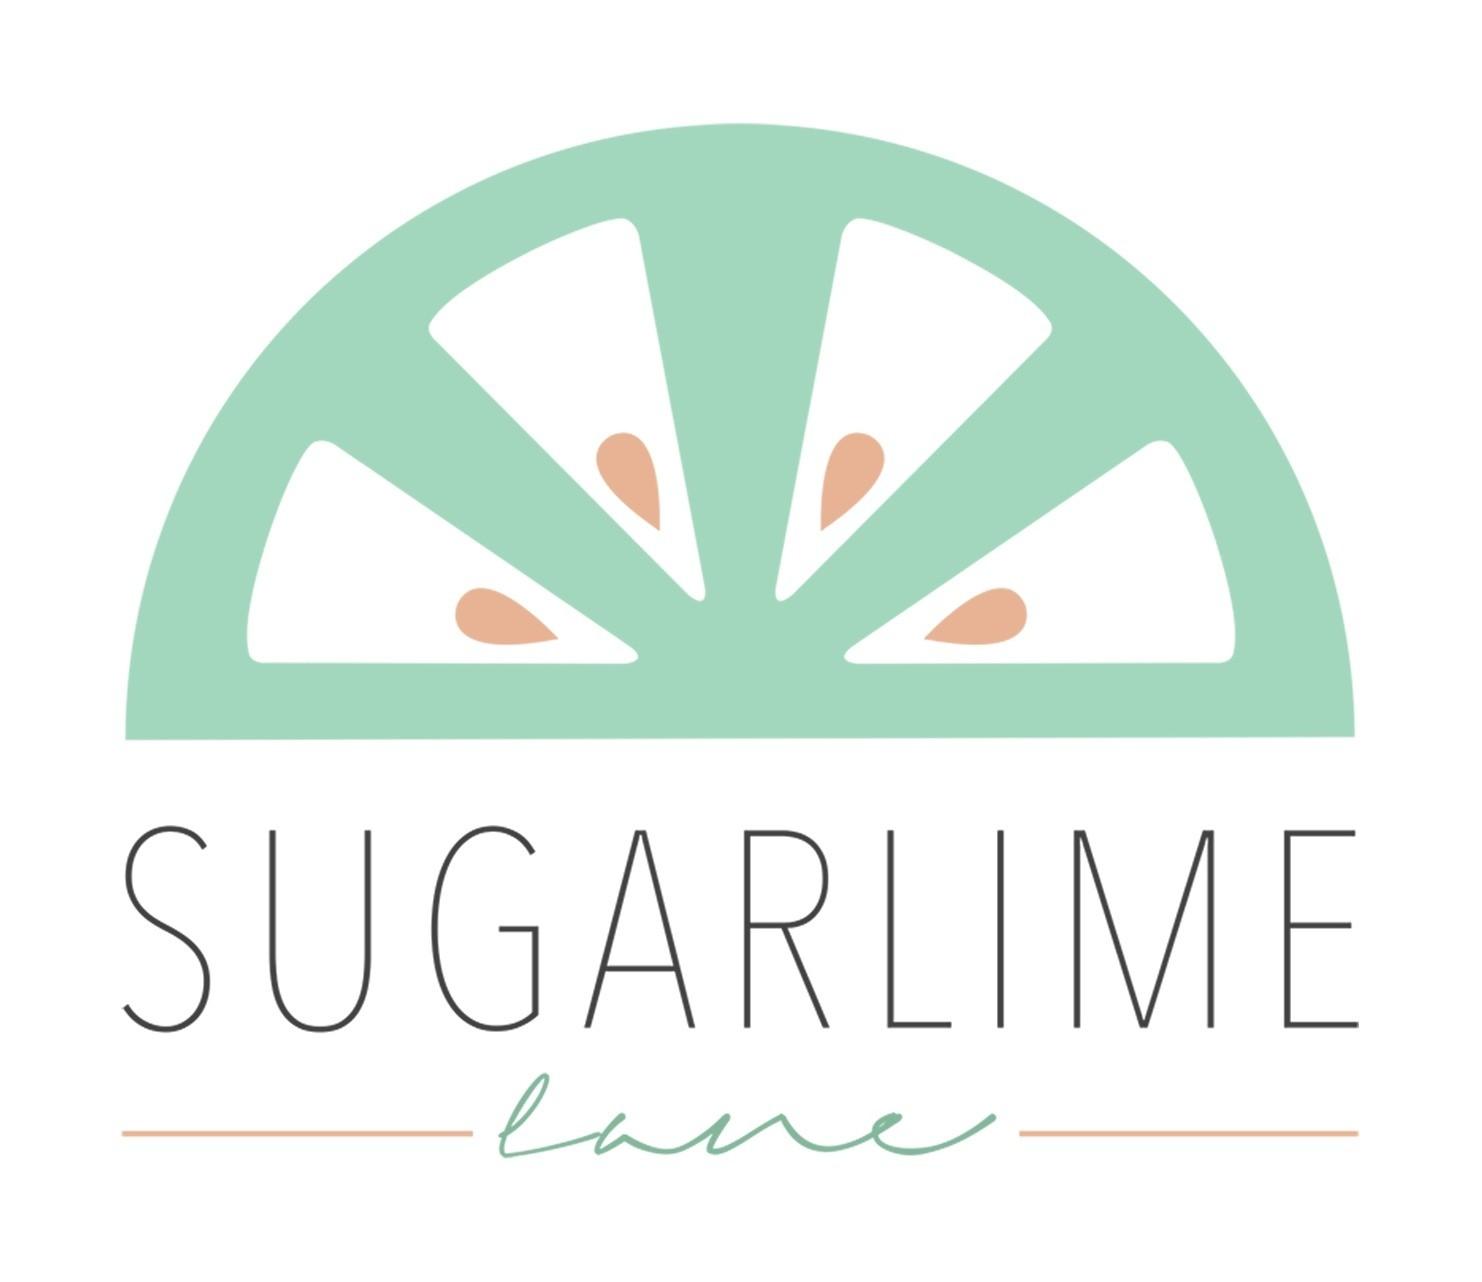 Sugarlime Lane